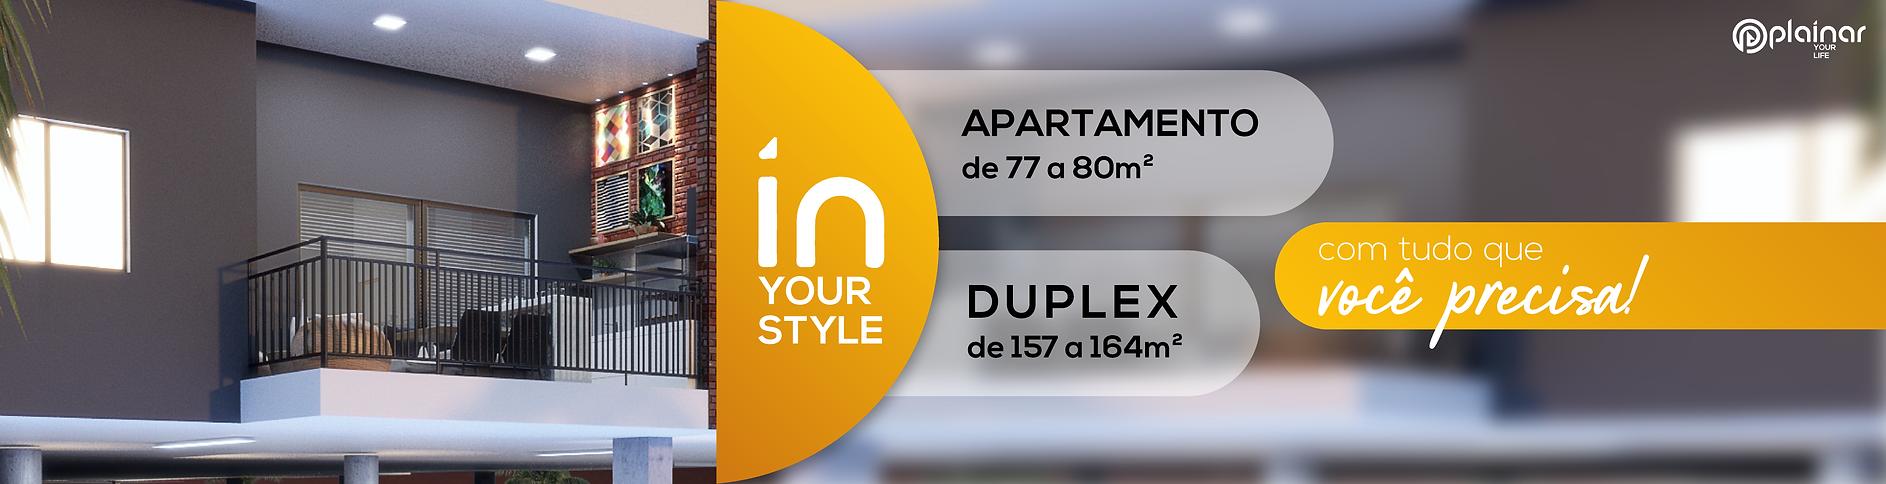 Apartamentos-e-Duplex-Inifity.png